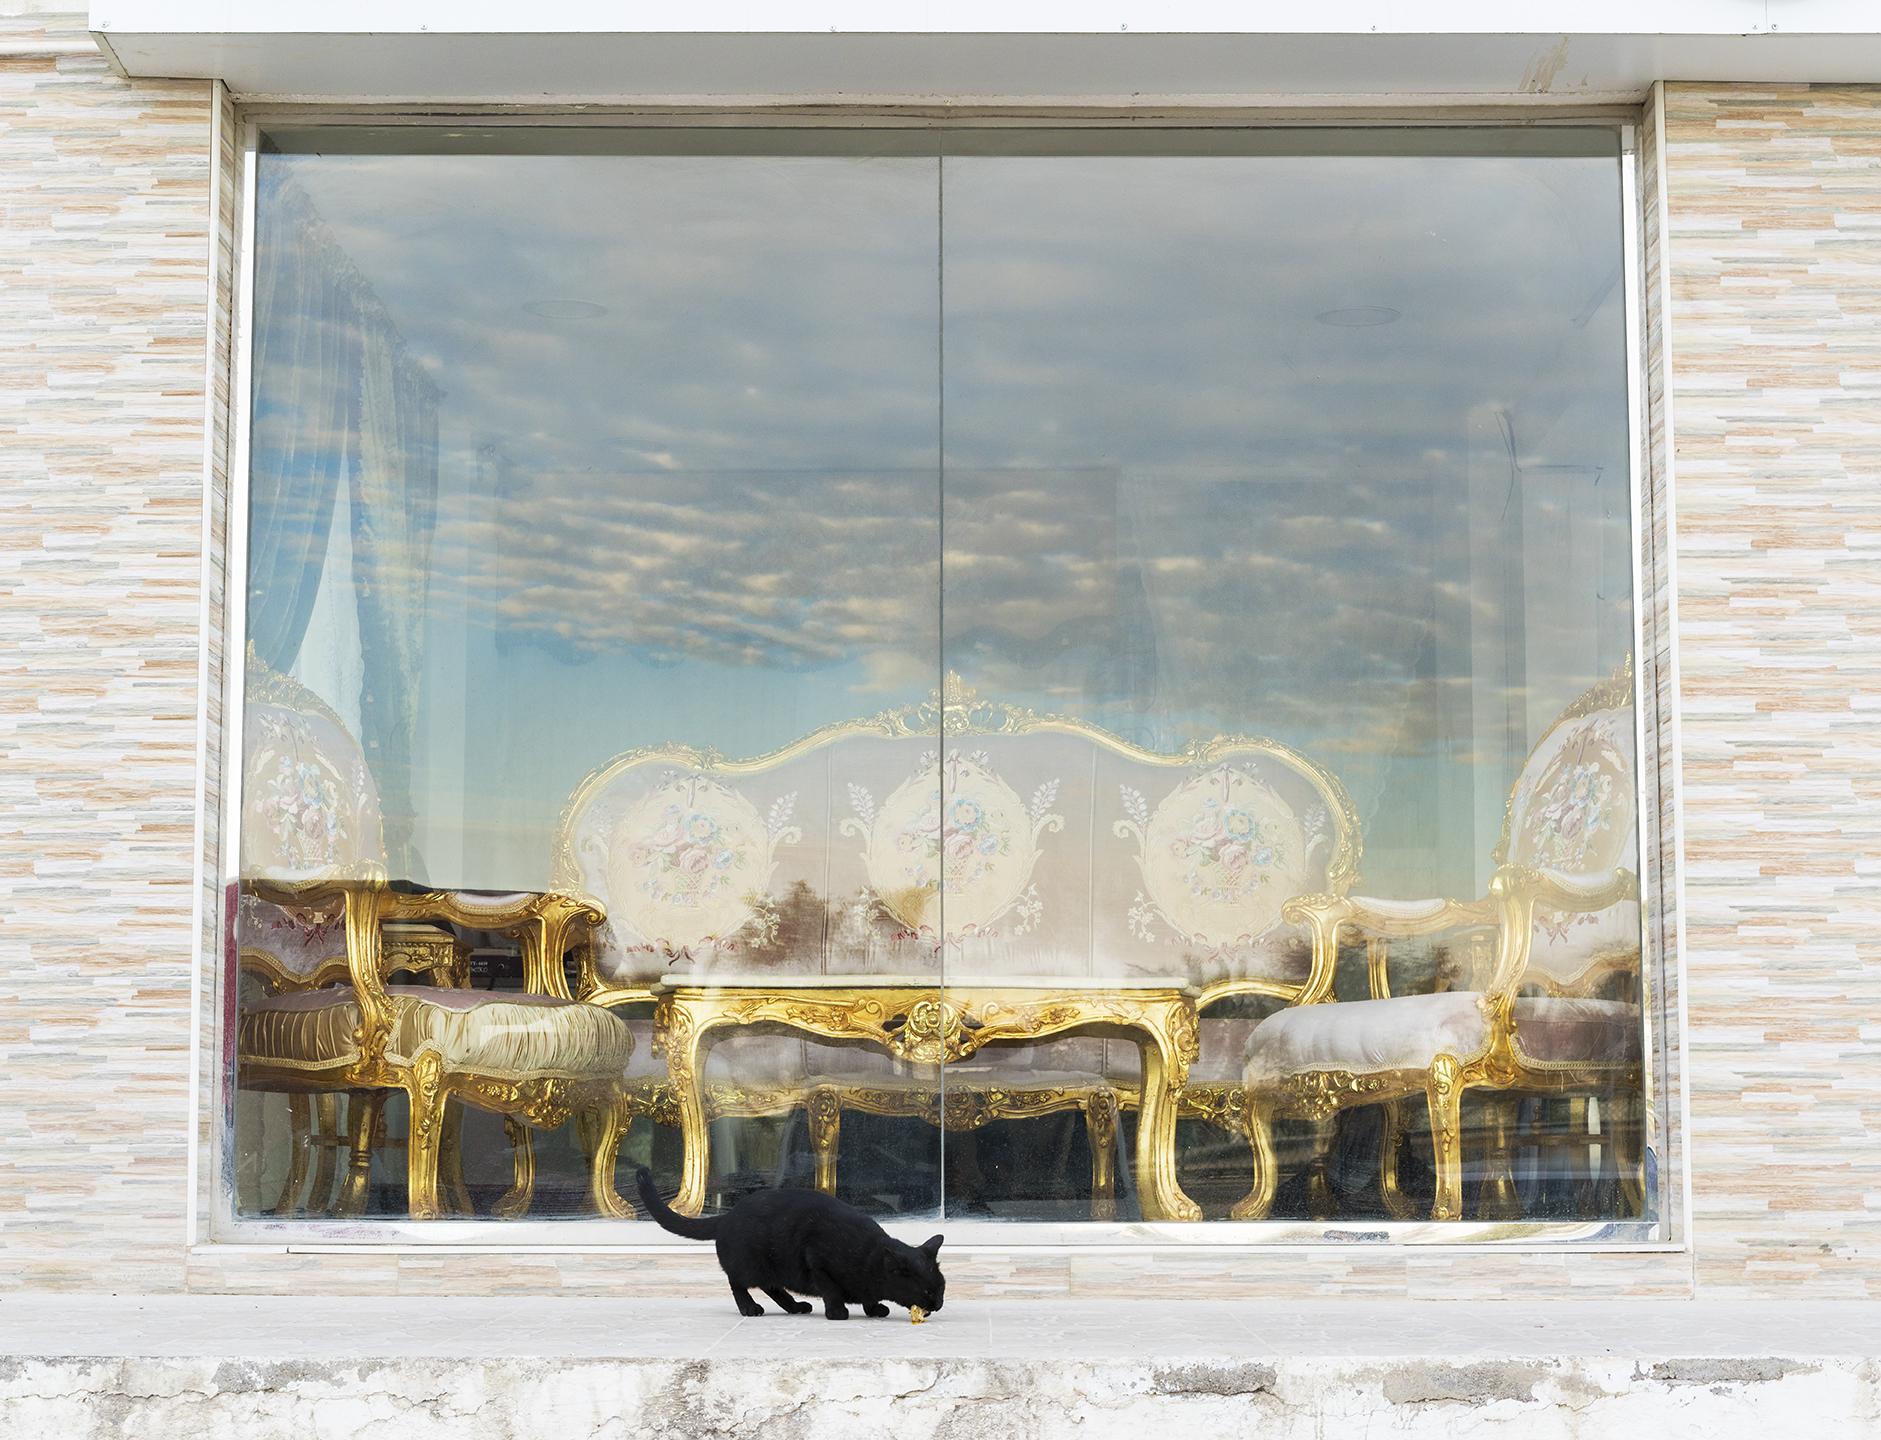 Farah Al Qasimi, Furniture Market, Stray Cat, 2018